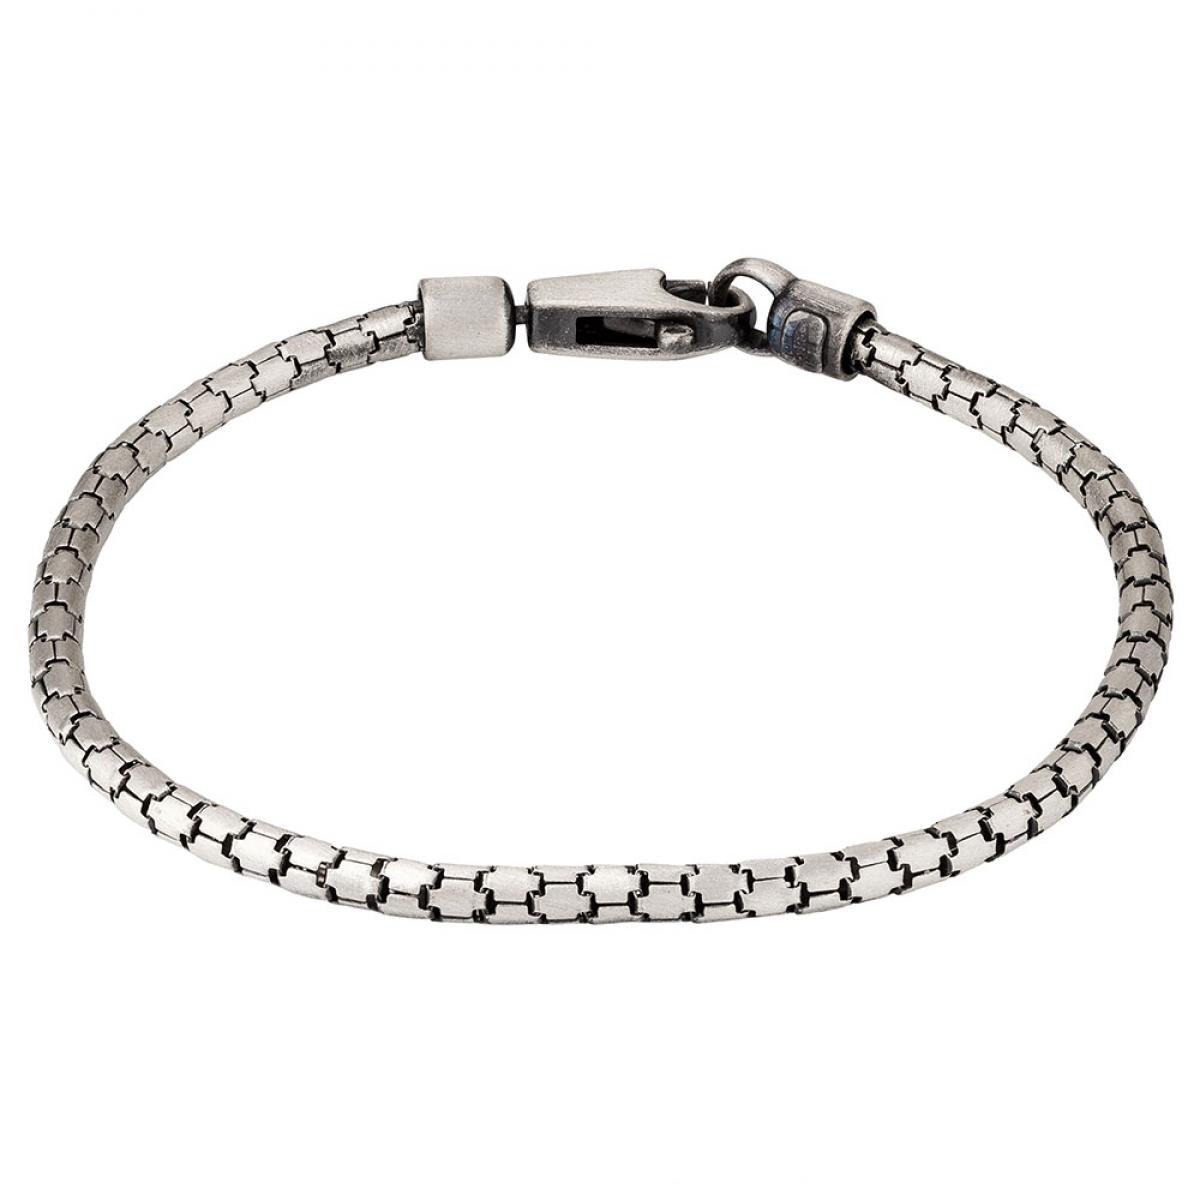 Срібний браслет чоловічий KRNTL290uzw